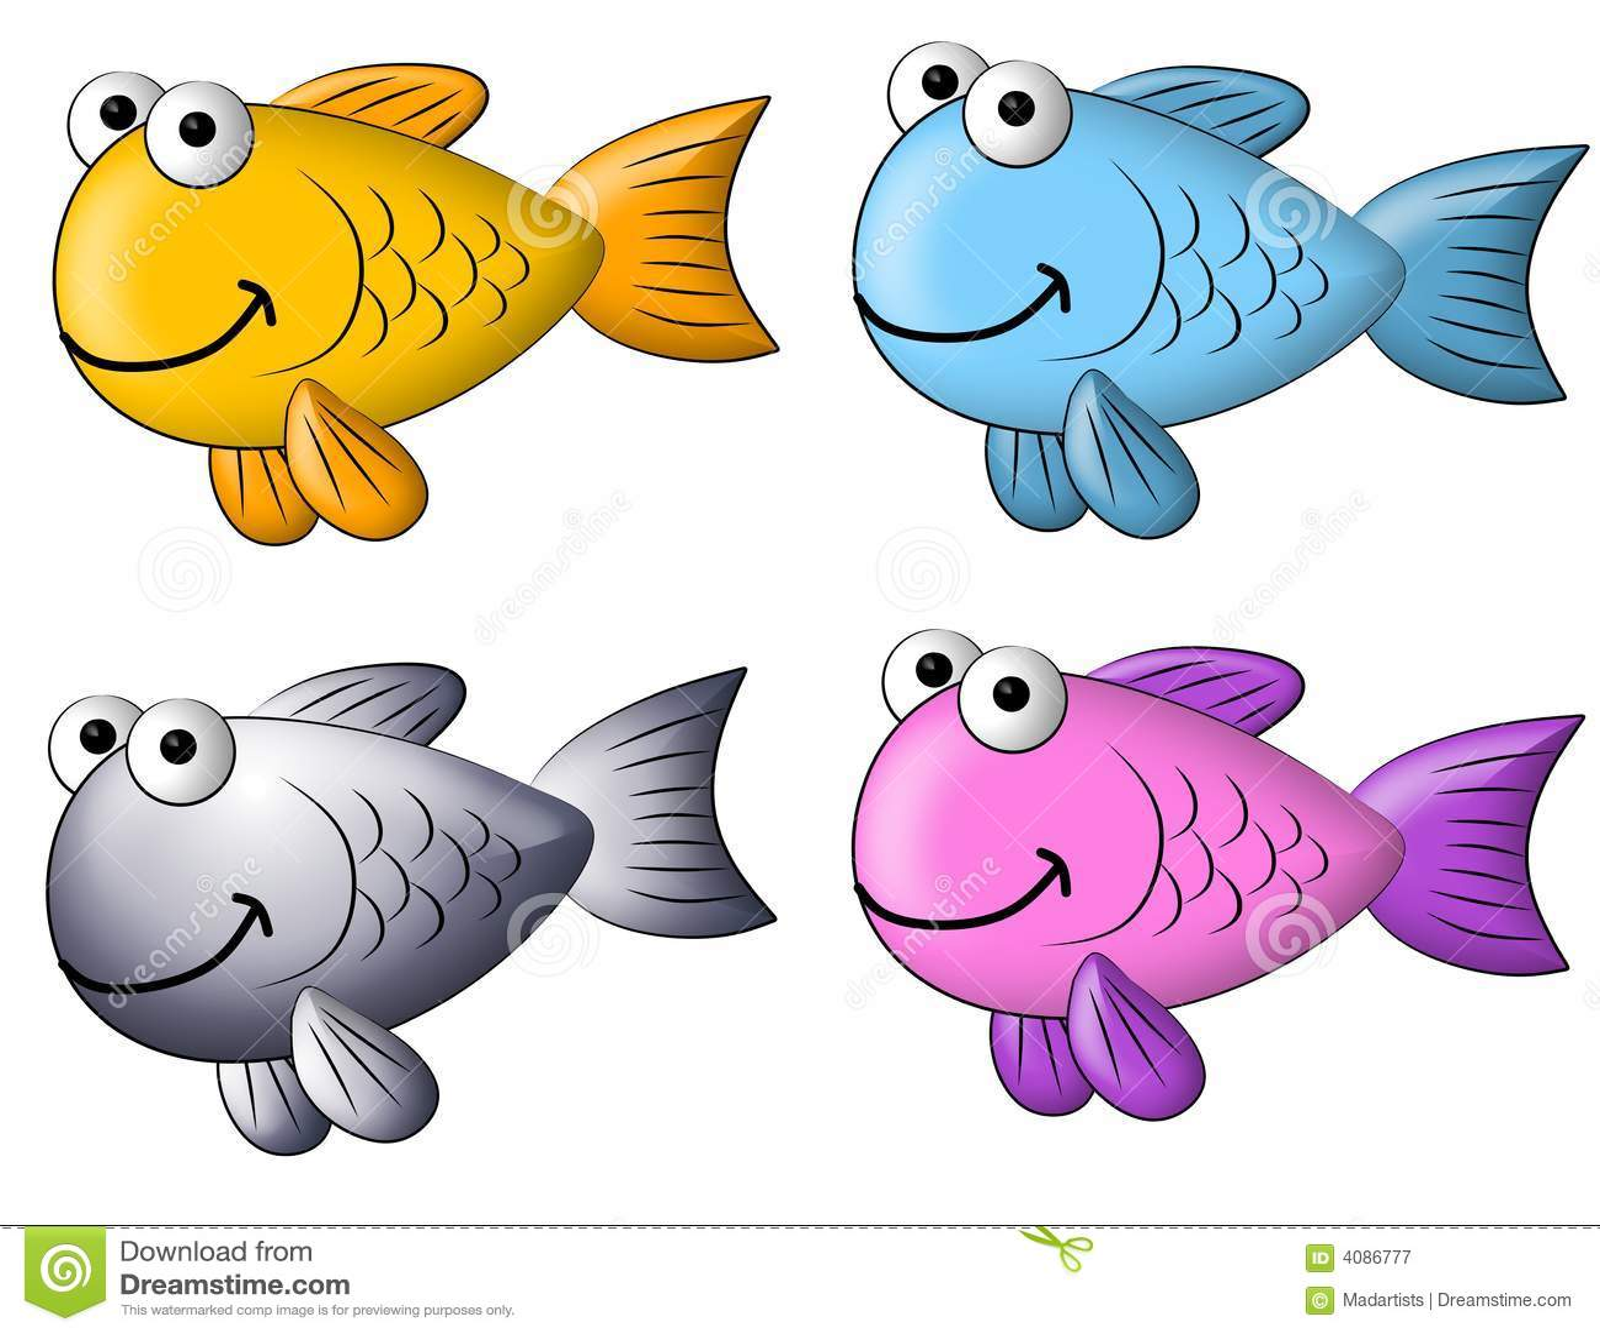 Colorful fish clip art